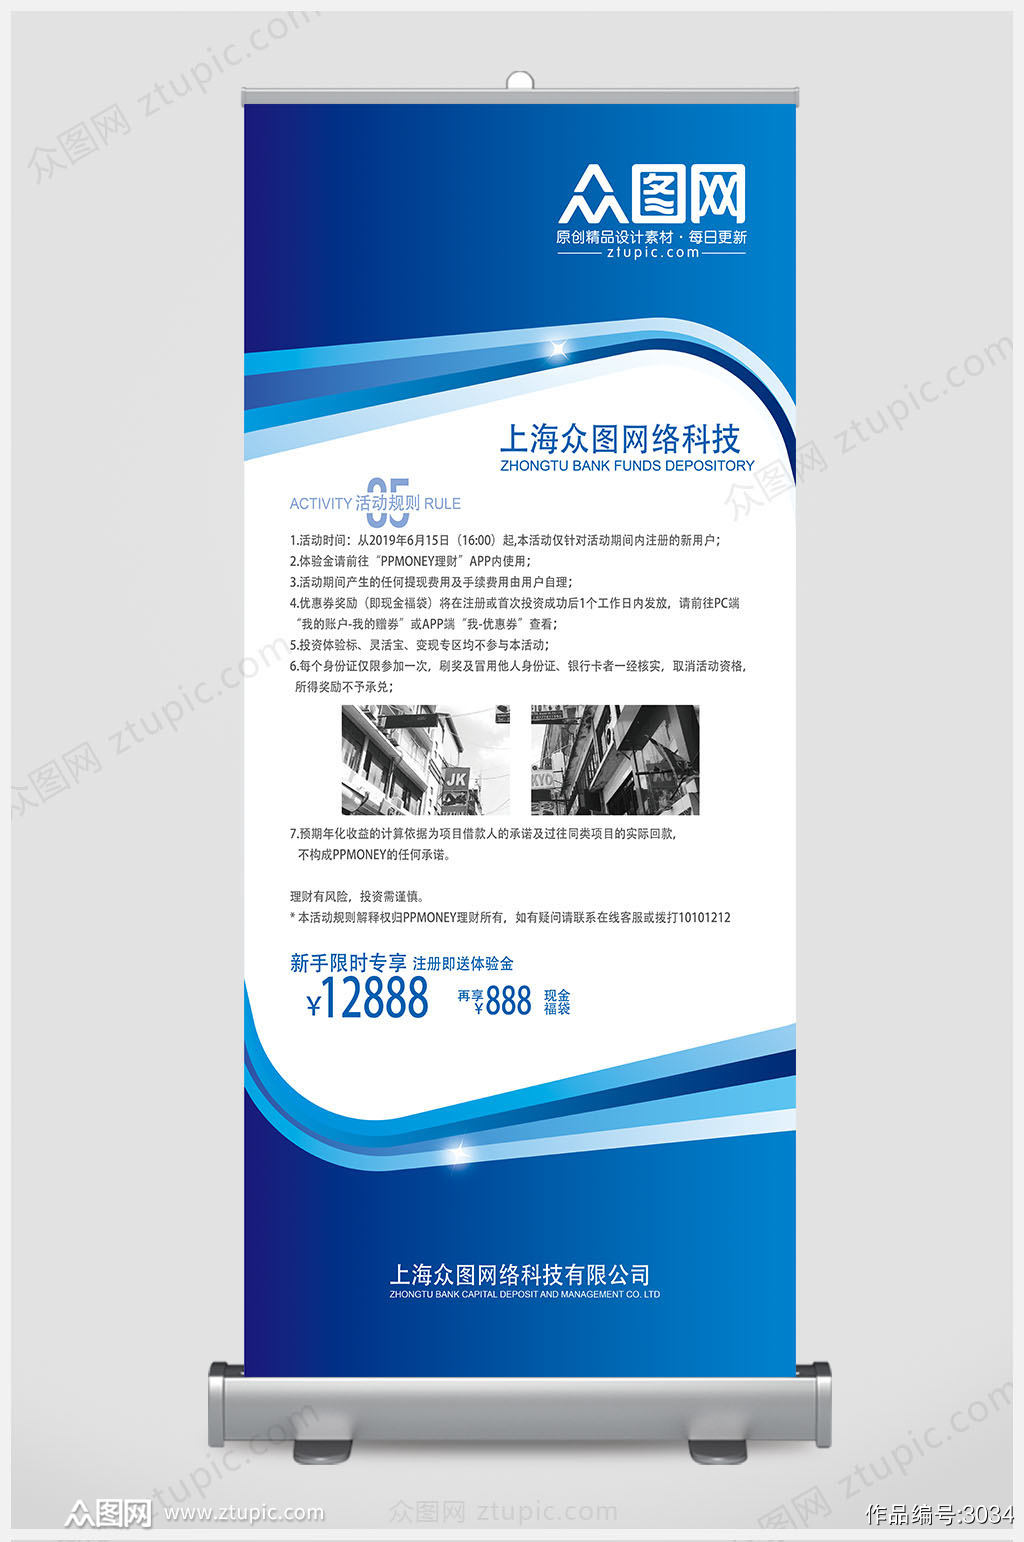 简洁科技网络商务企业丽屏展架 易拉宝图片素材